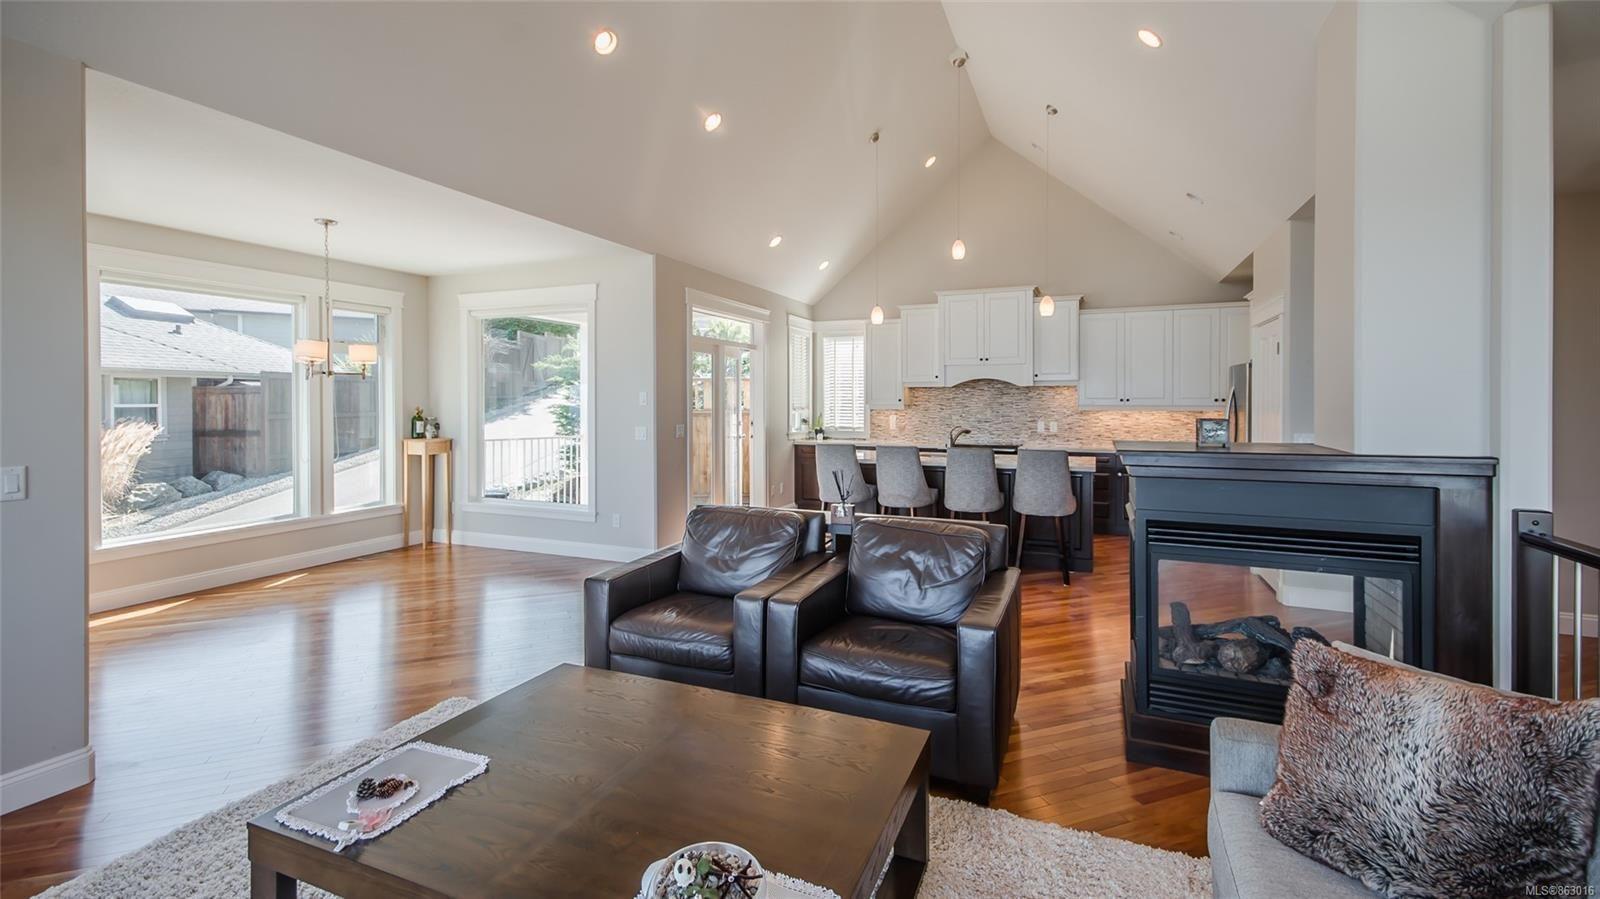 Photo 9: Photos: 5361 Laguna Way in : Na North Nanaimo House for sale (Nanaimo)  : MLS®# 863016